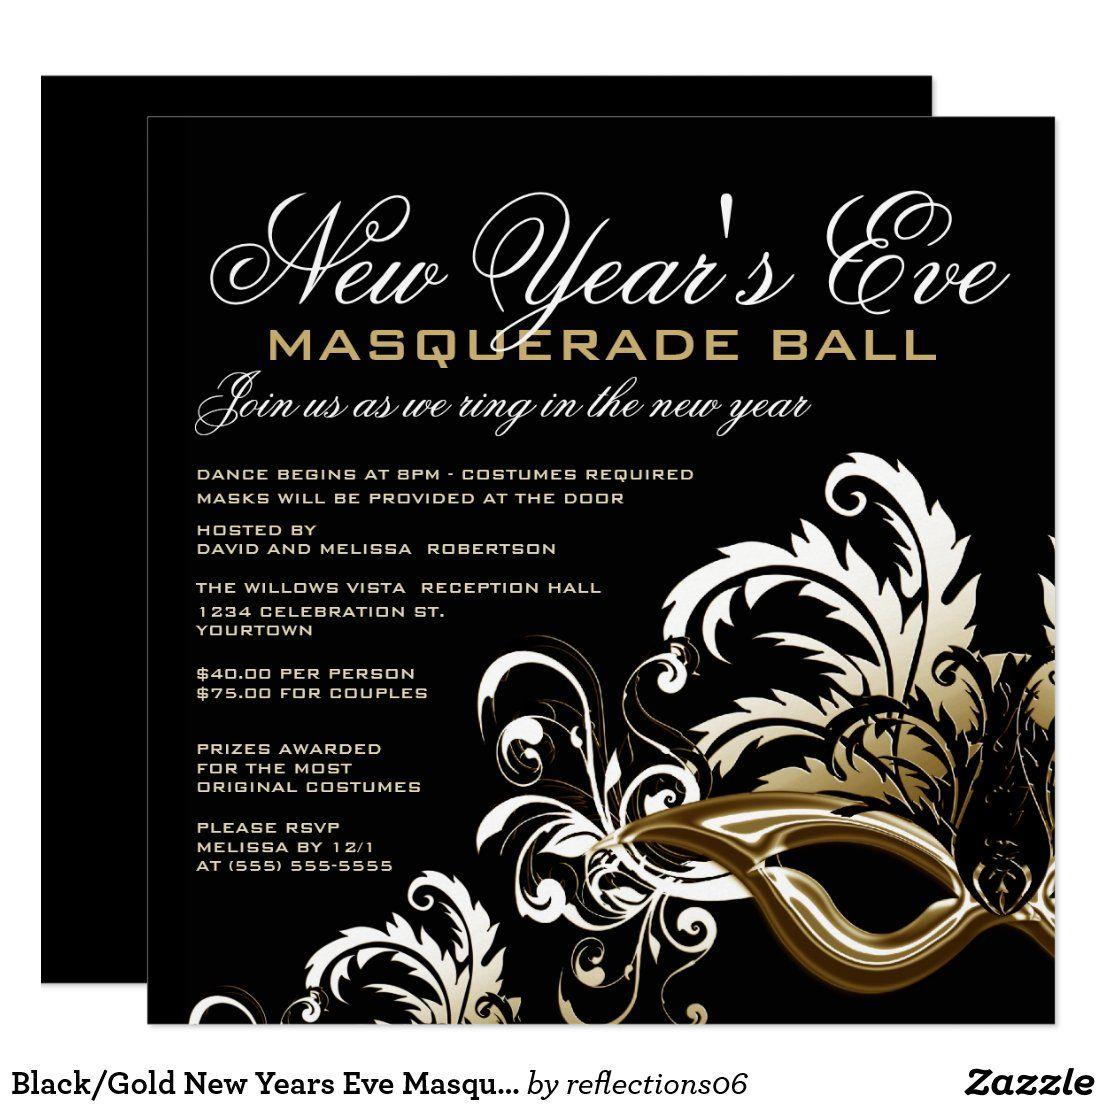 Black Gold New Years Eve Masquerade Ball Invitation Zazzle Com Masquerade Party Invitations New Years Eve Party New Years Eve